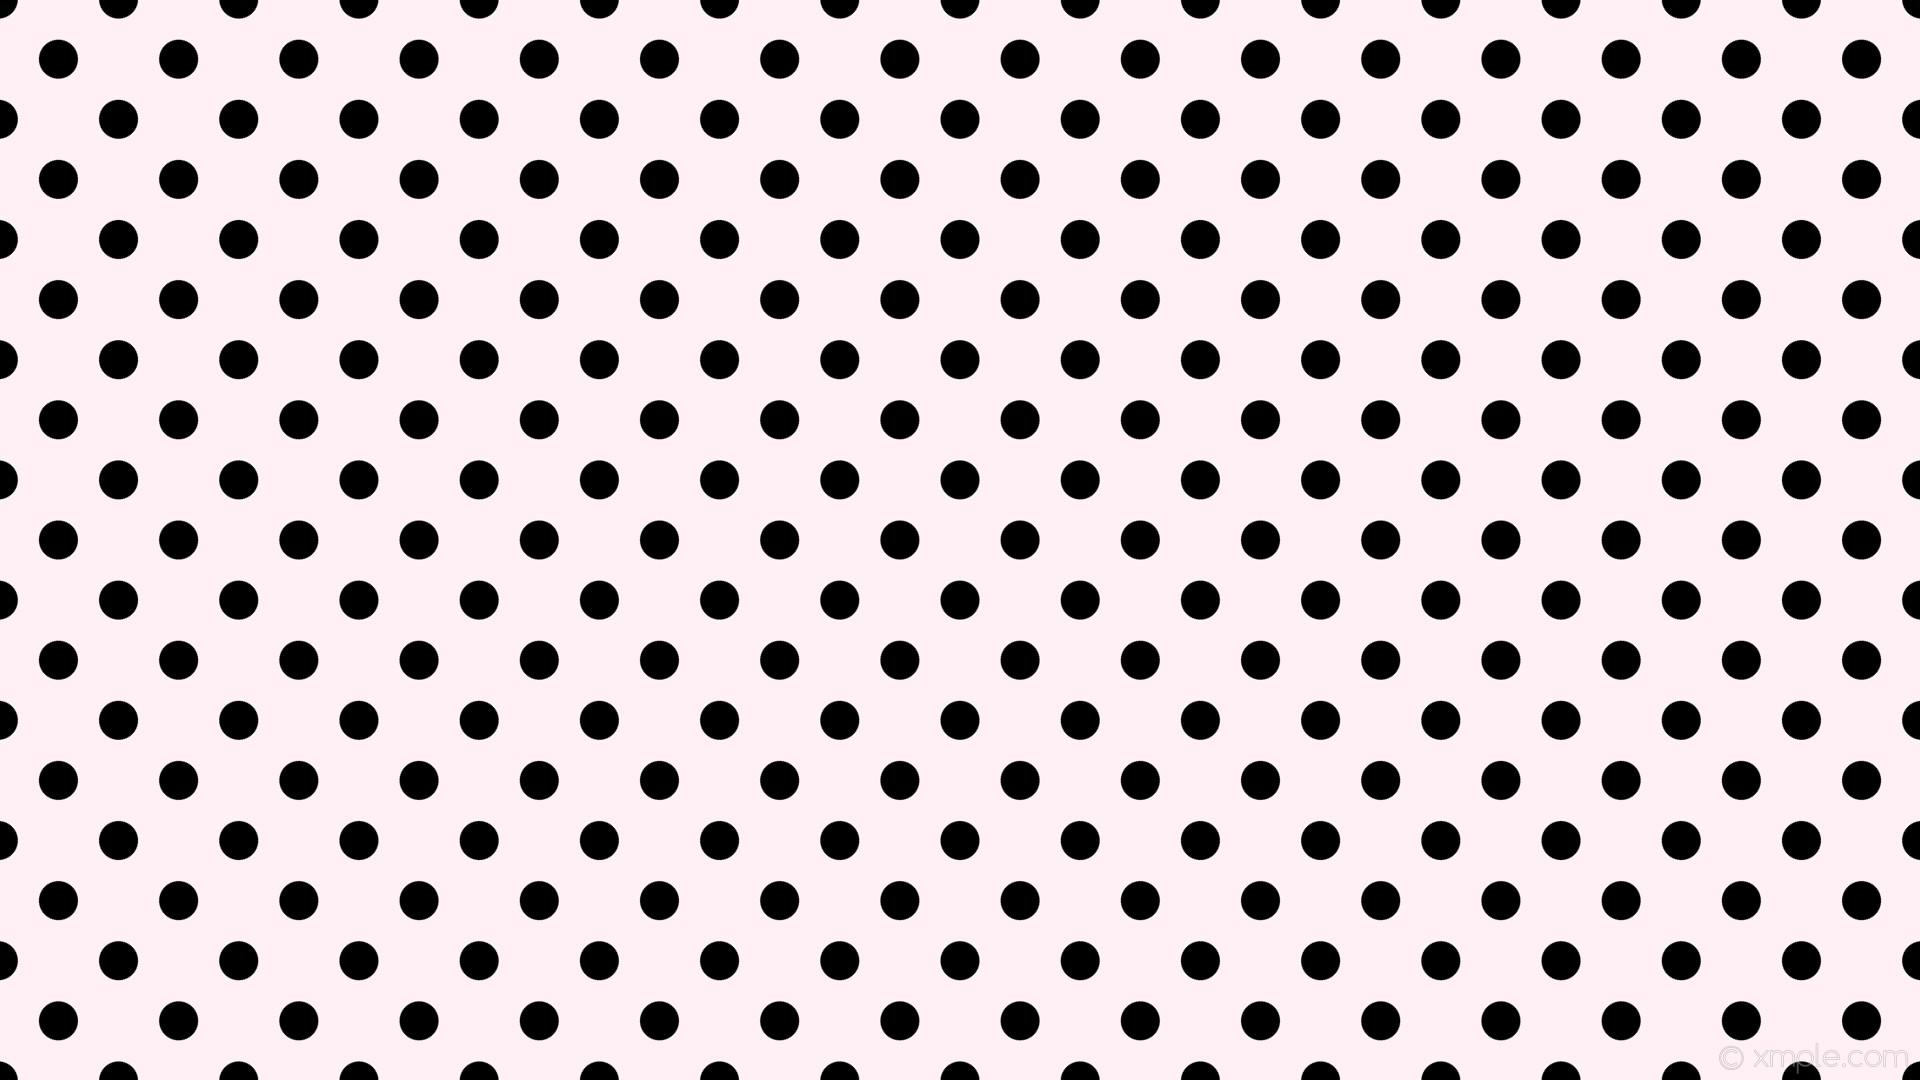 wallpaper white spots black polka dots lavender blush #fff0f5 #000000 135°  39px 85px